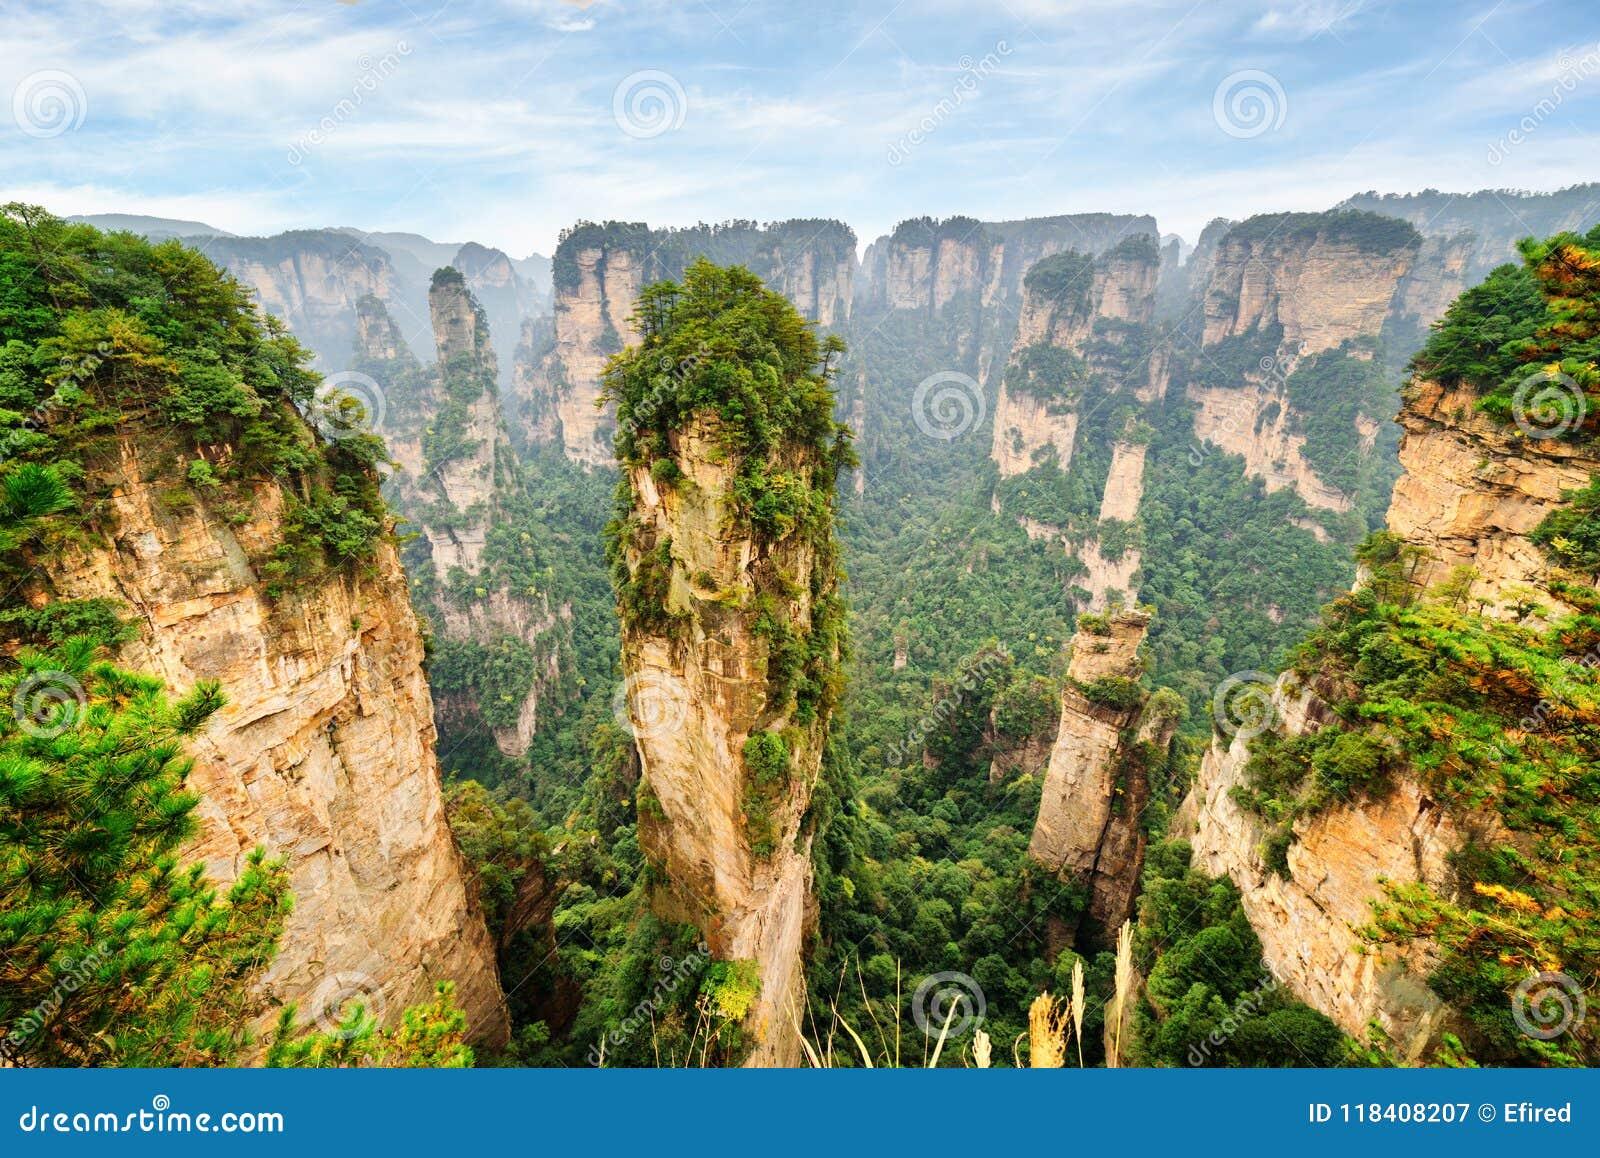 Coluna bonita do arenito de quartzo a montanha da aleluia do Avatar